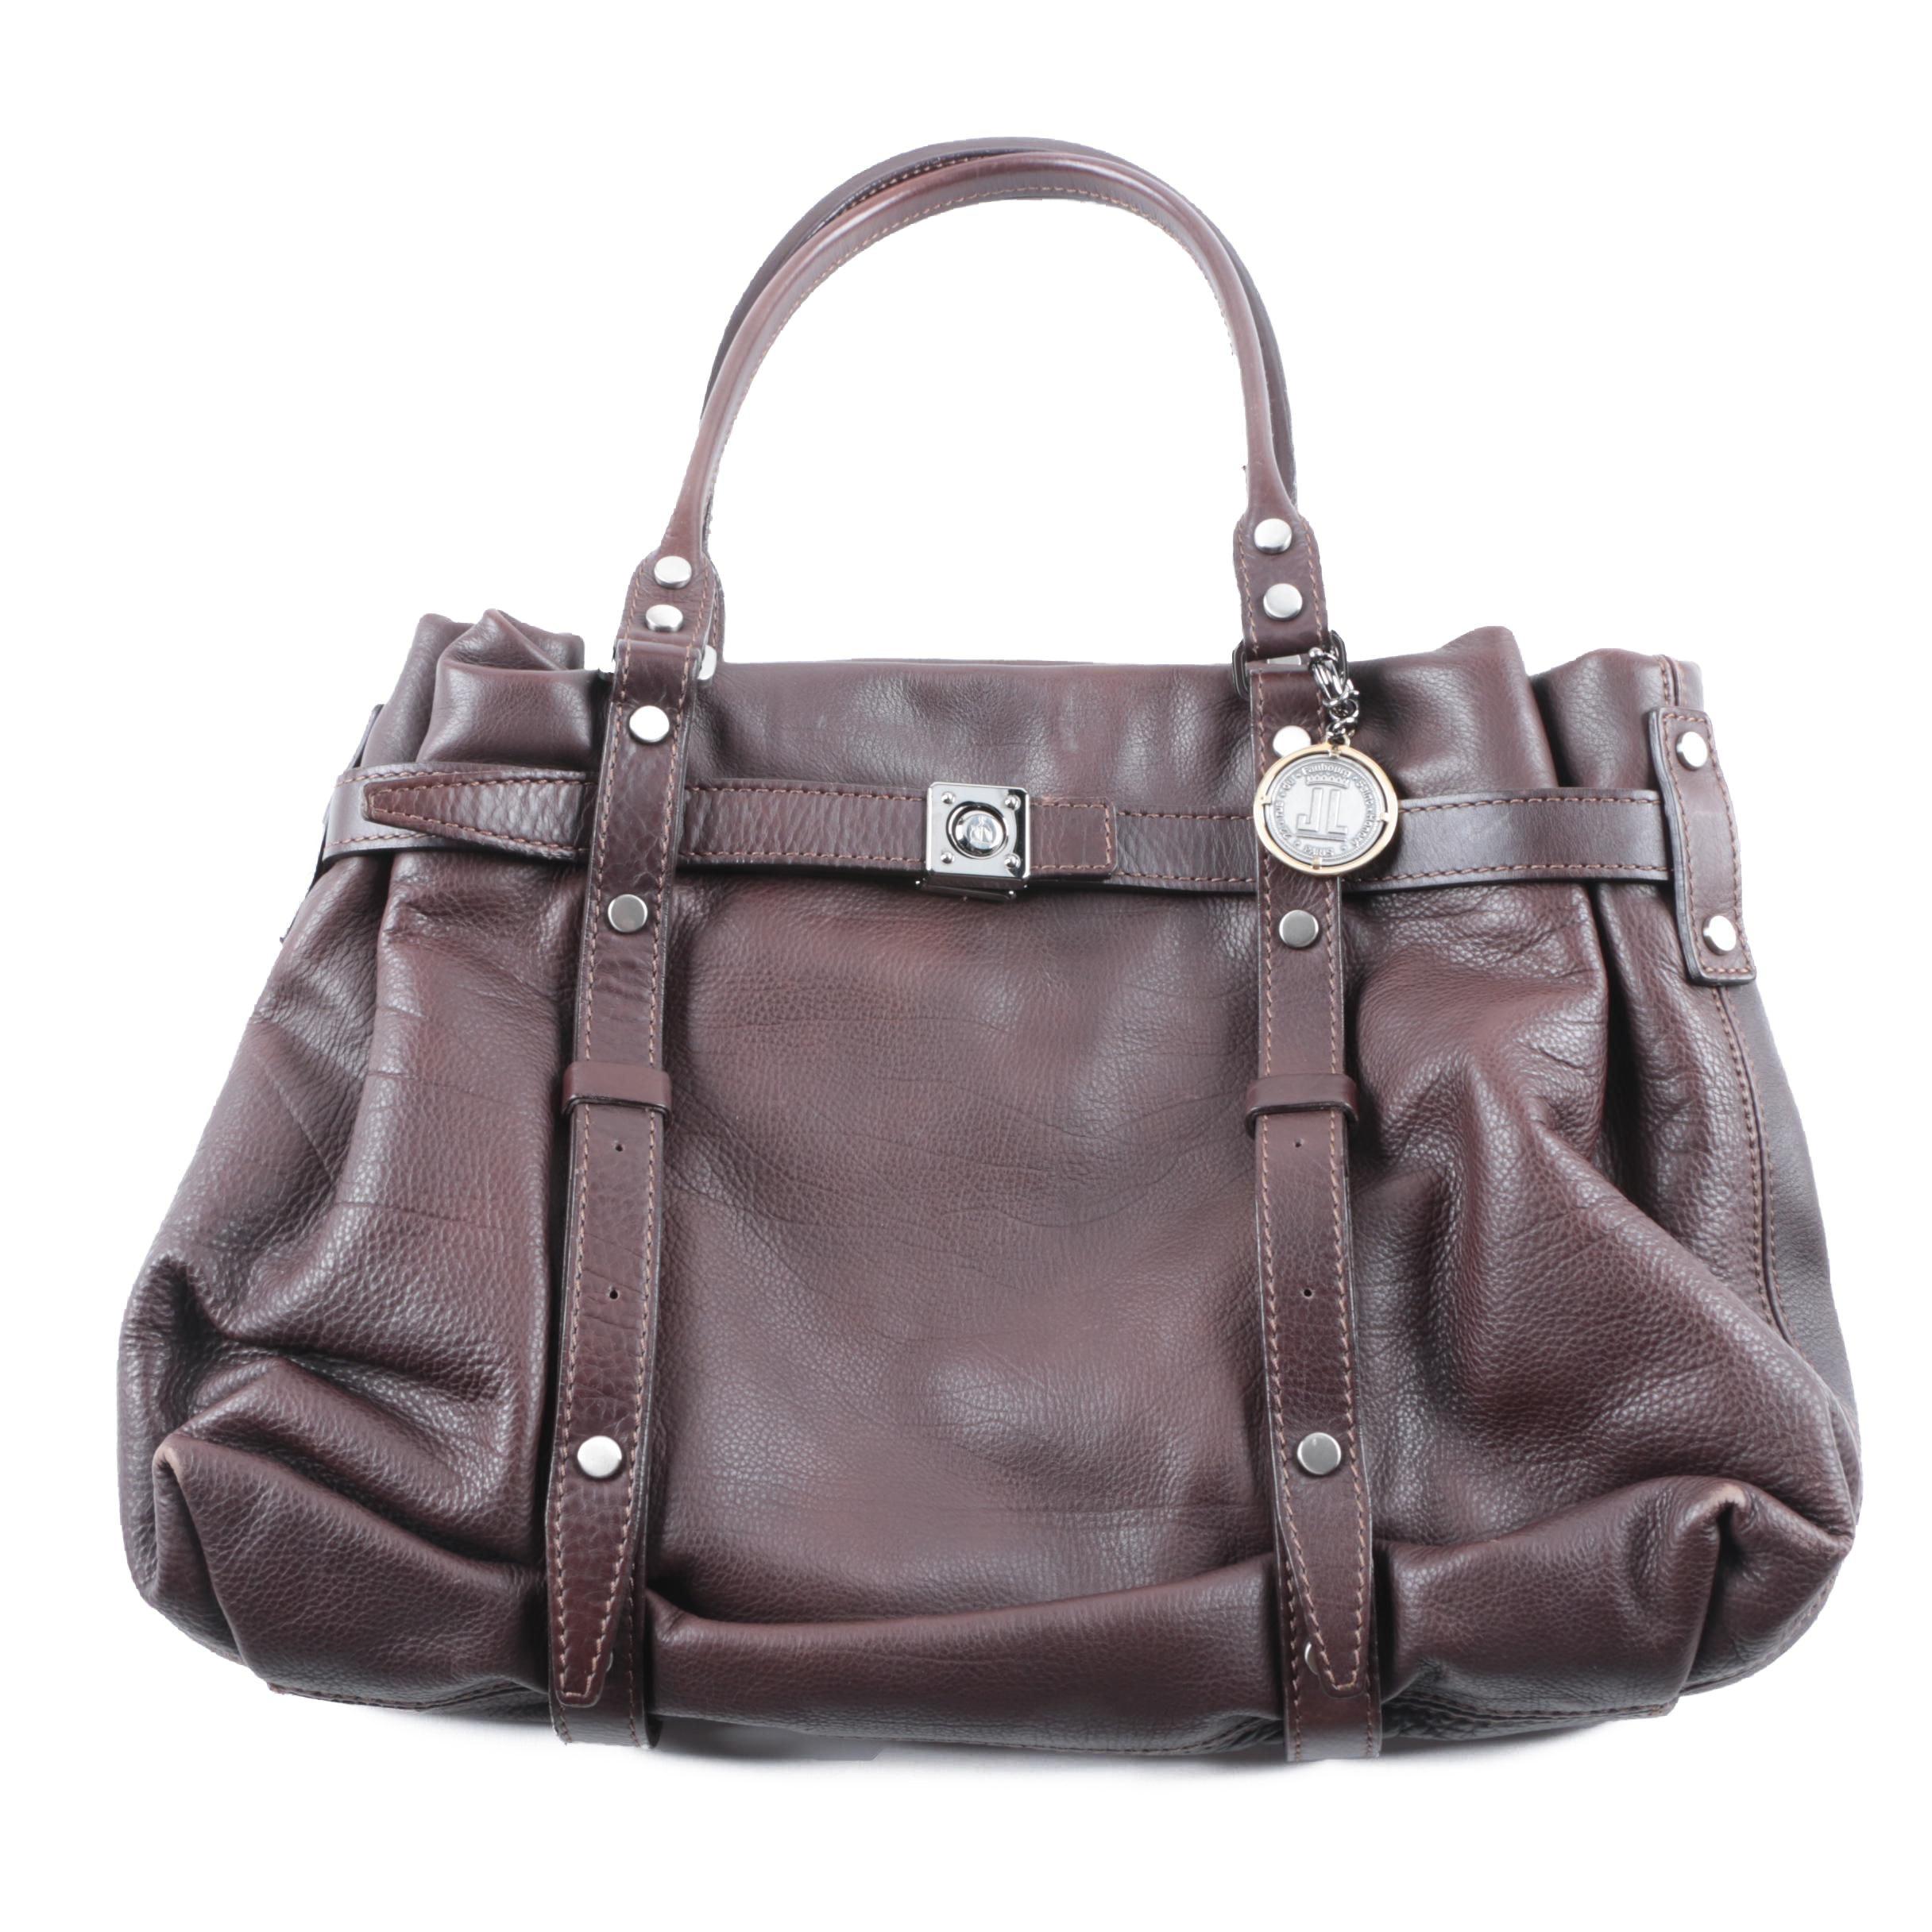 Lanvin of Paris Brown Leather Kansas Tote